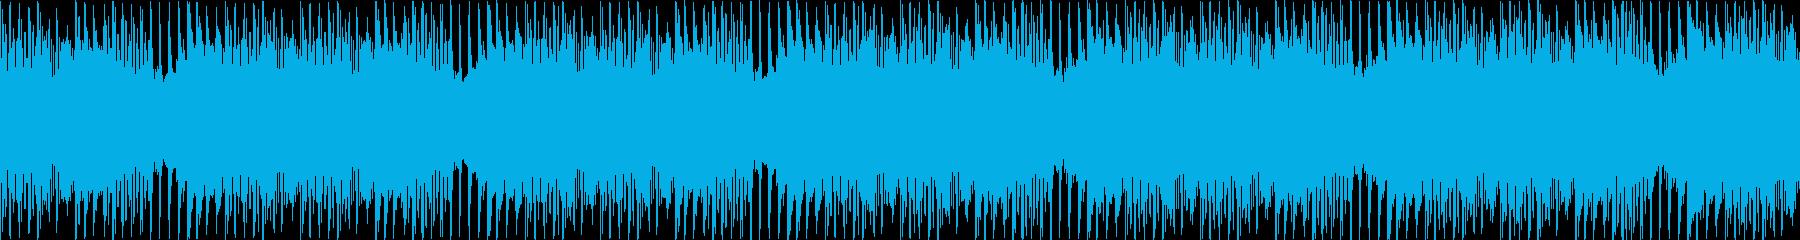 マリンバ/ピアノ/ループ/動画BGM用2の再生済みの波形